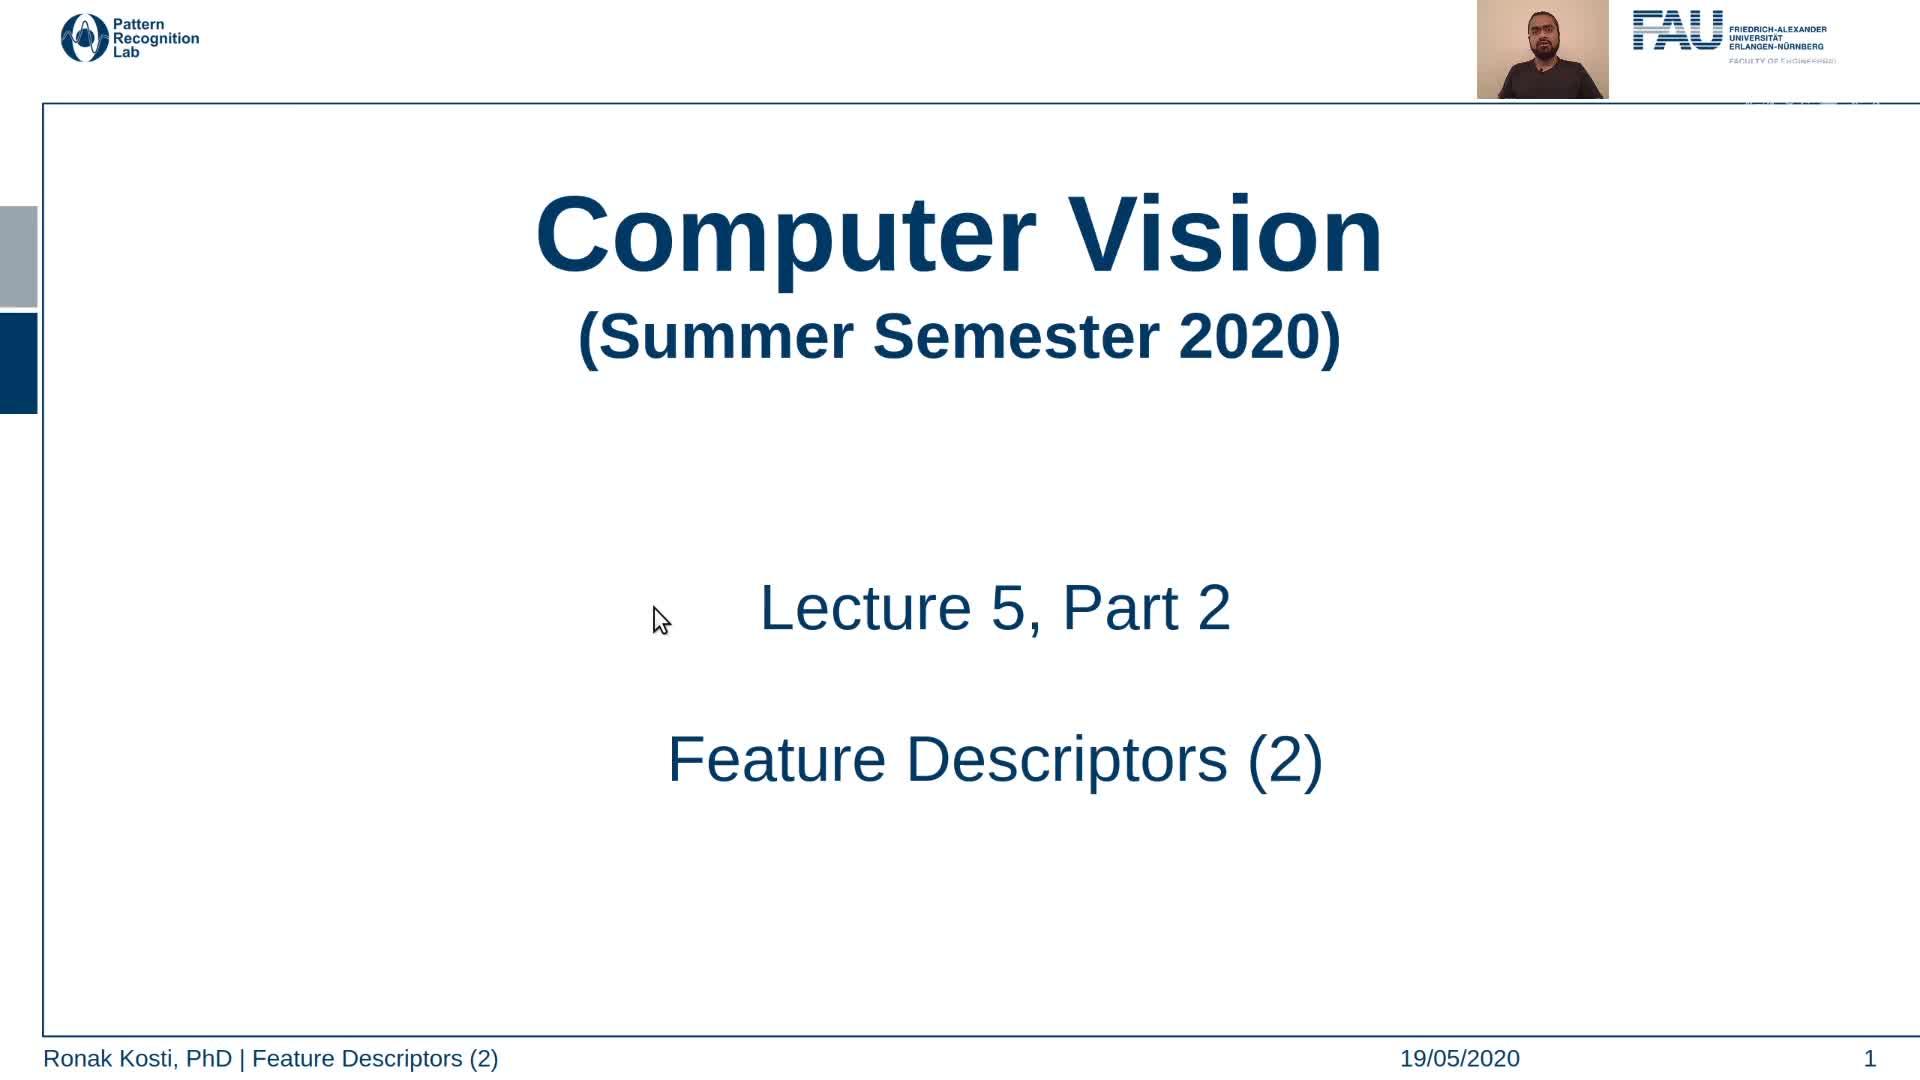 Feature Descriptors (Lecture 5, Part 2) preview image